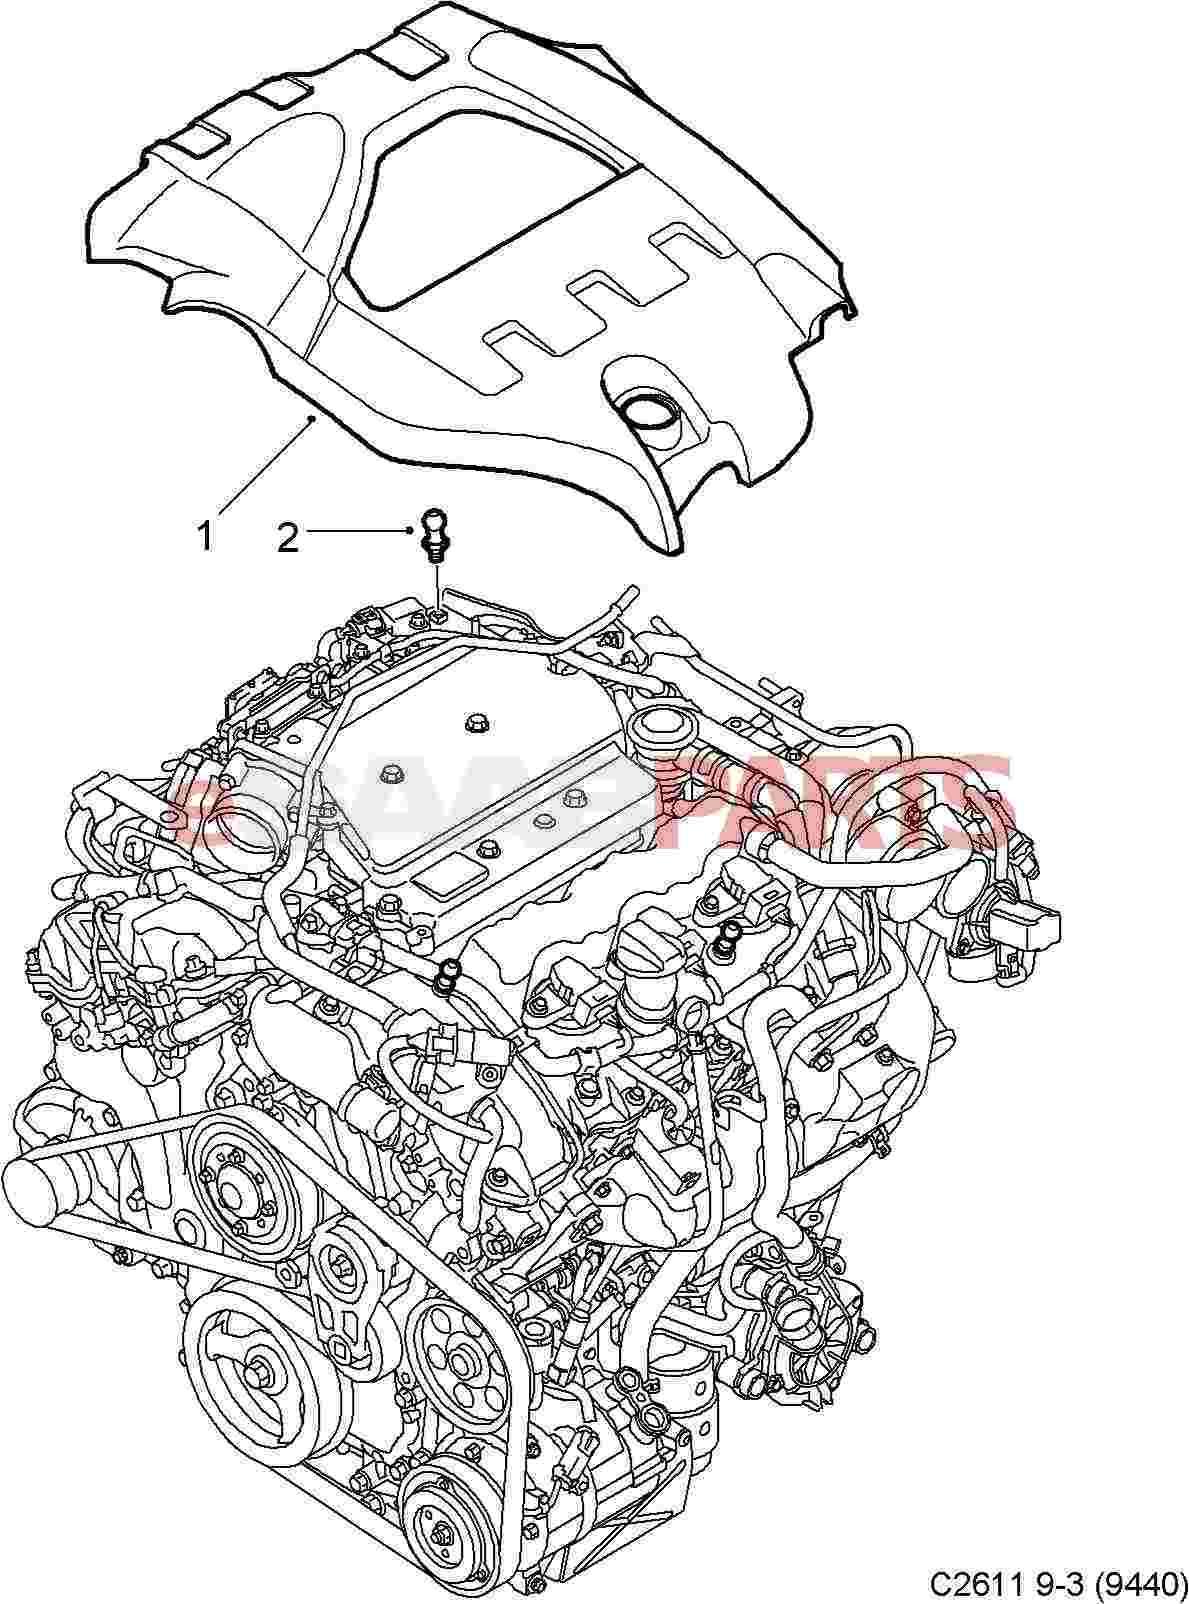 Saab 9 3 2003 Turbo Diagram